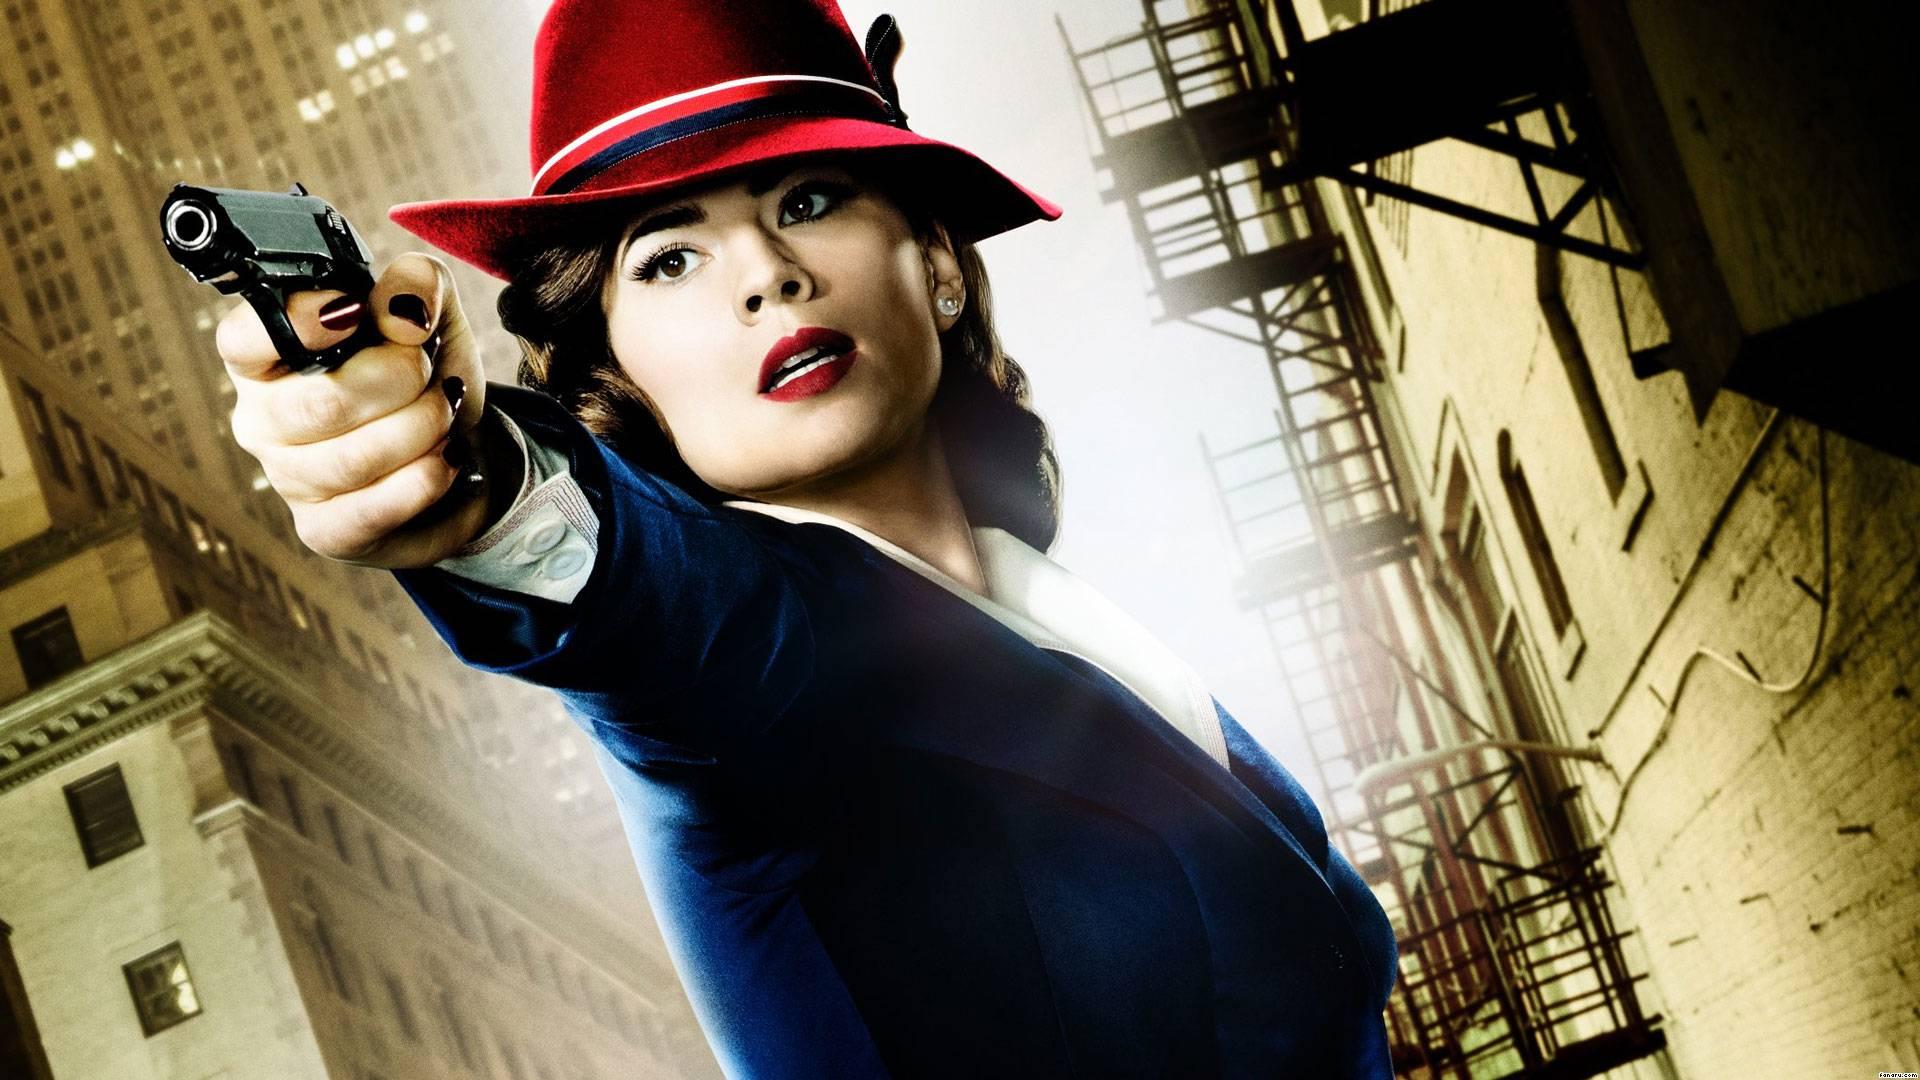 Lo show Agent Carter viene cancellato da ABC, ma non ci sembra una sorpresa